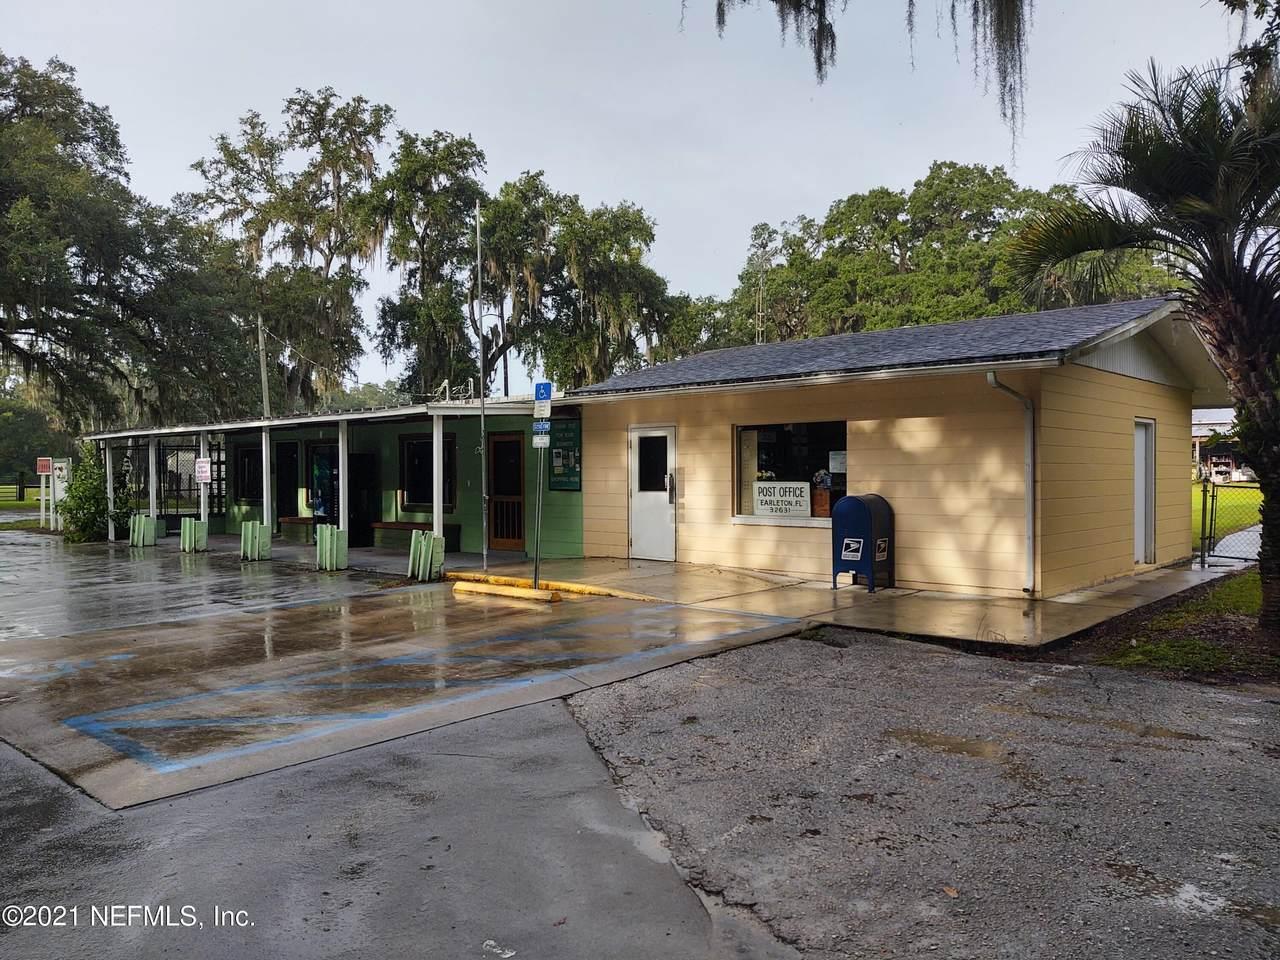 10006 N.E. County Rd. 1469 - Photo 1